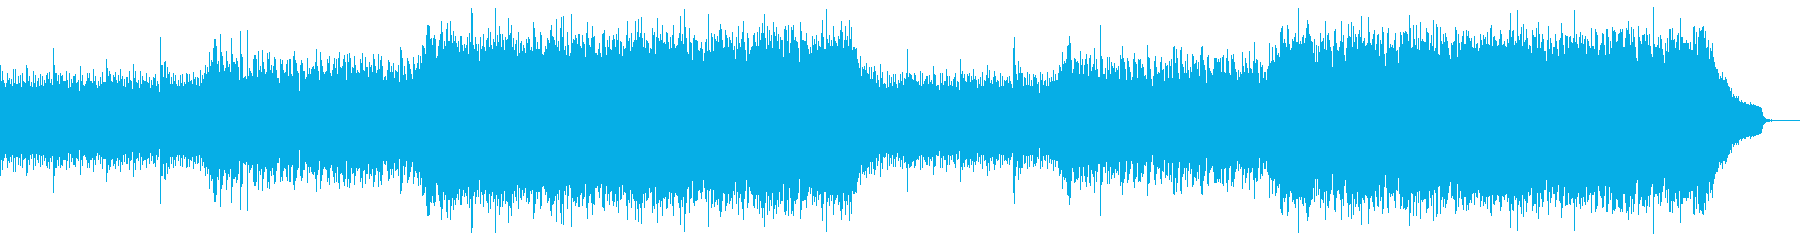 企業VP映像、106オーケストラ、爽快aの再生済みの波形